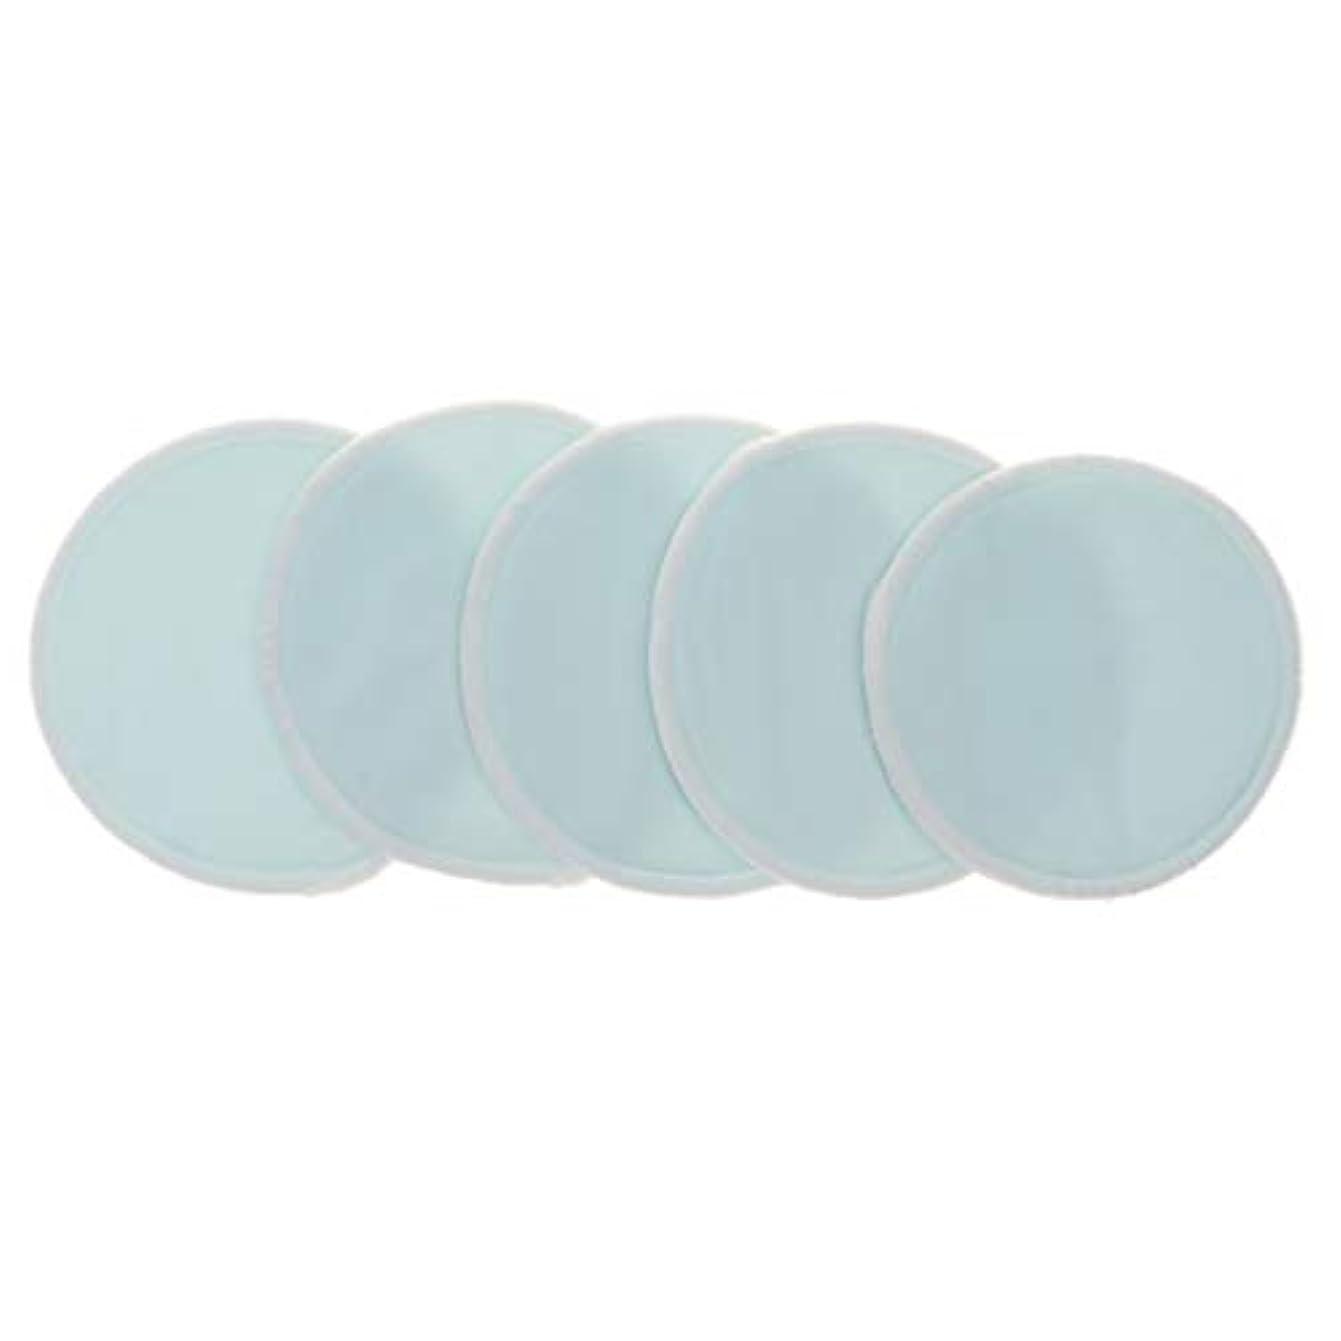 花弁複雑なヒステリック全5色 胸パッド クレンジングシート メイクアップ 竹繊維 12cm 洗える 再使用可 実用的 5個入 - 青